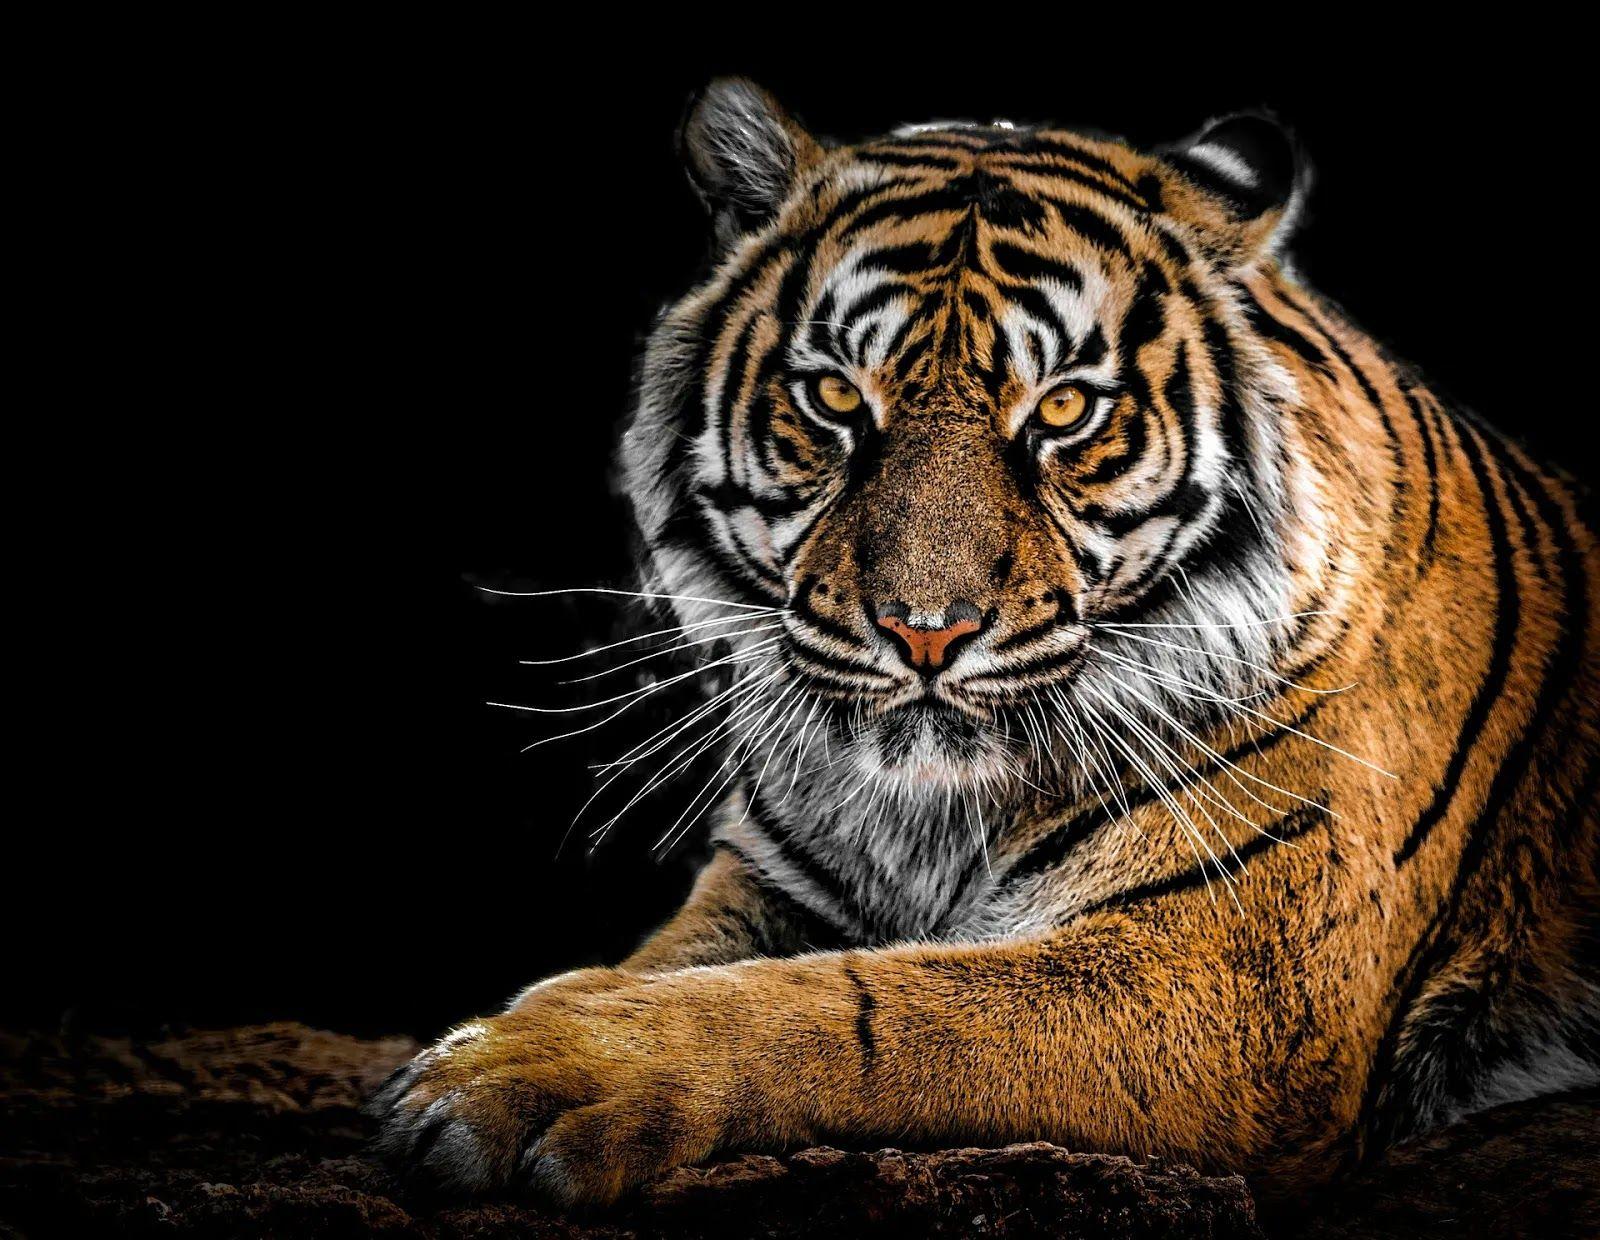 خلفيات حيوانات مفترسة 2020 Tiger Images Animal Photography Cat Care